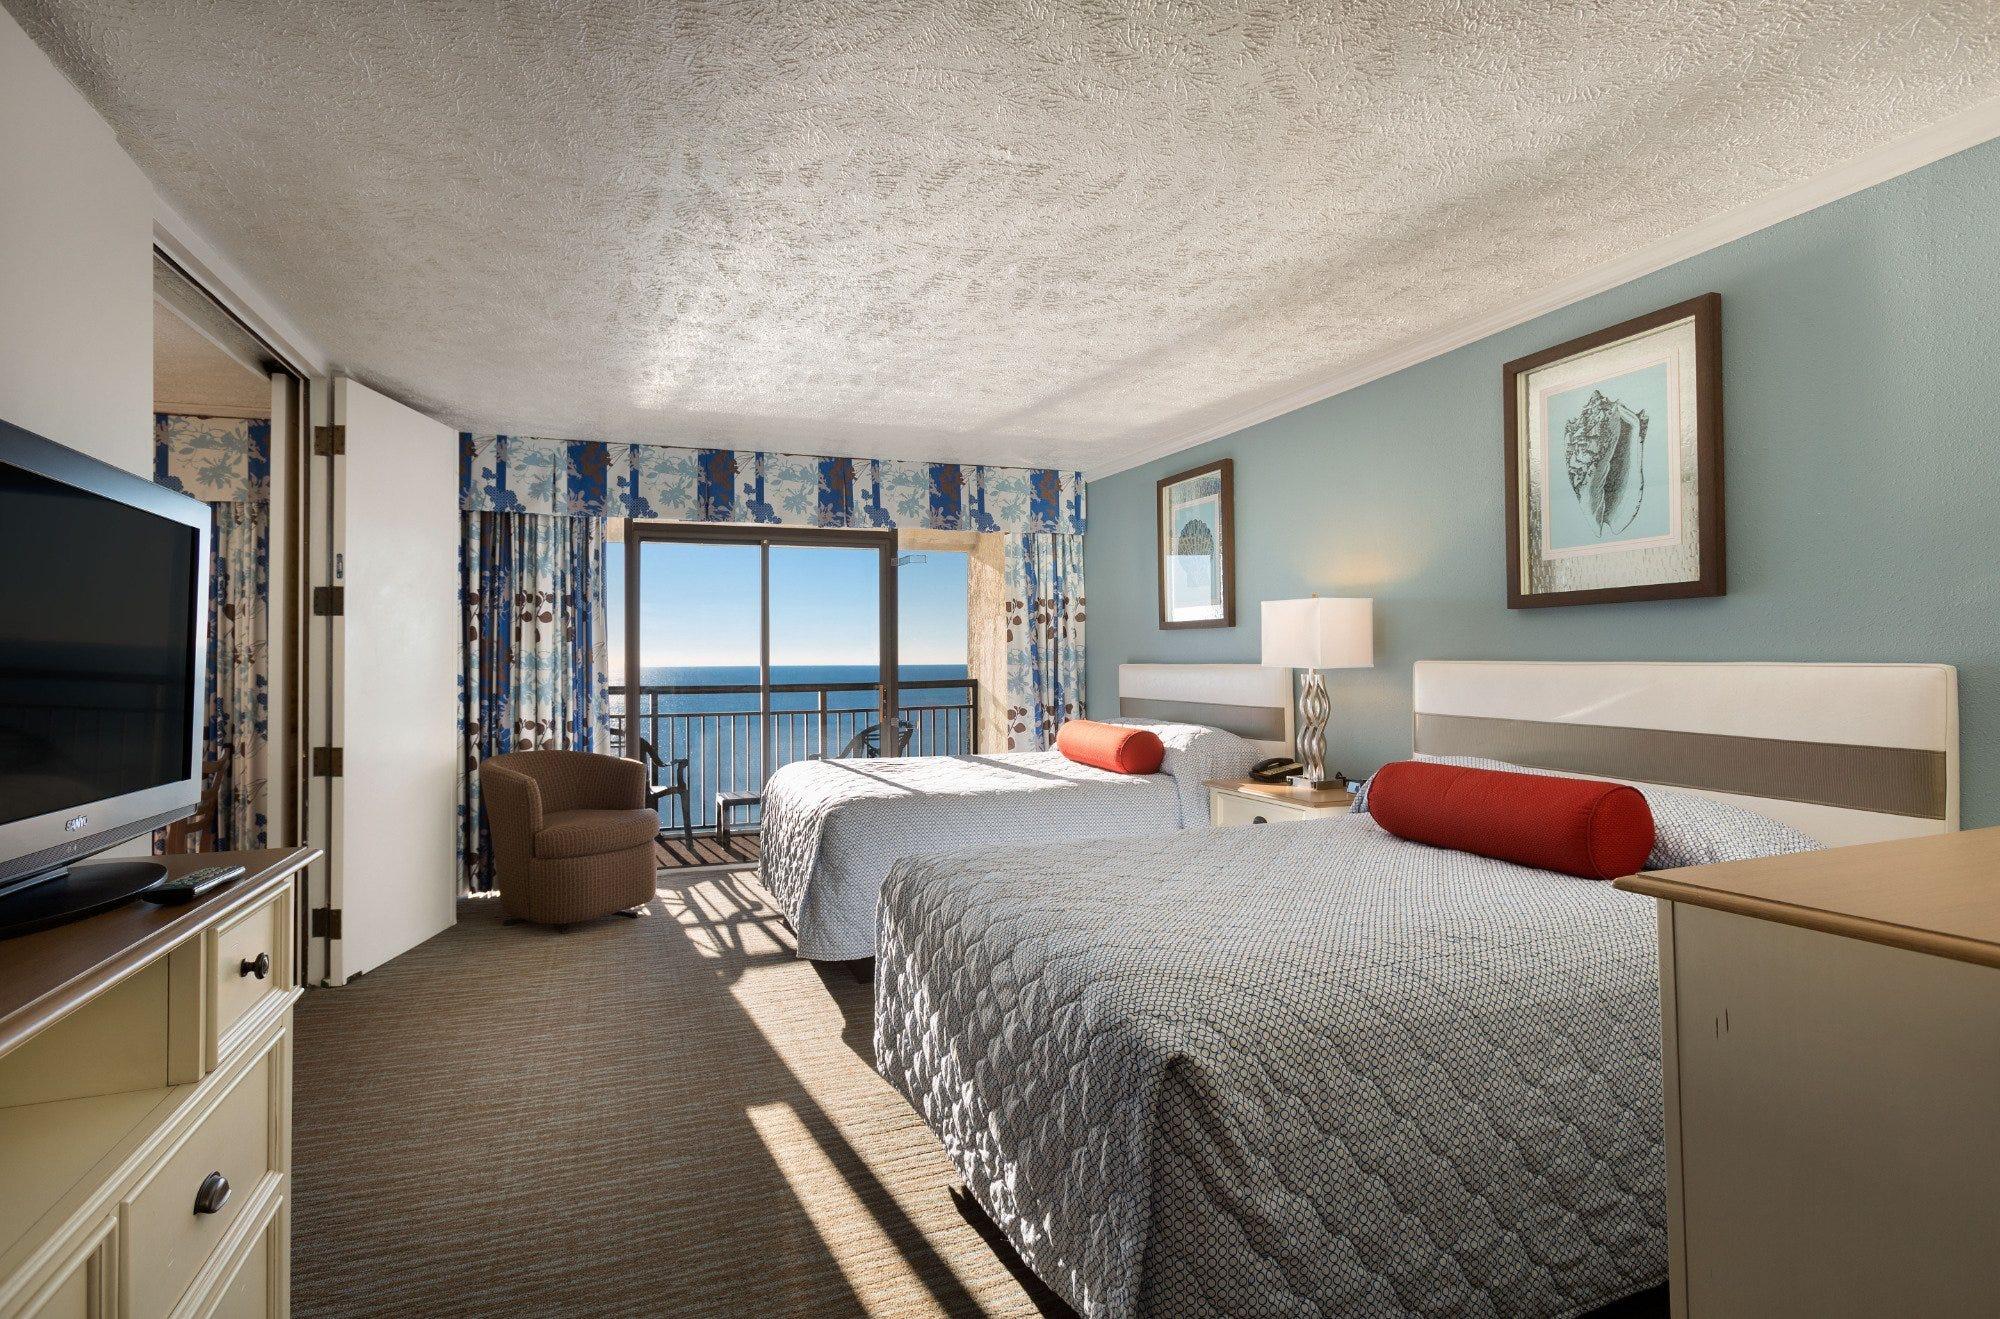 Myrtle Beach hotels: TripAdvisor's best value picks for August 2018